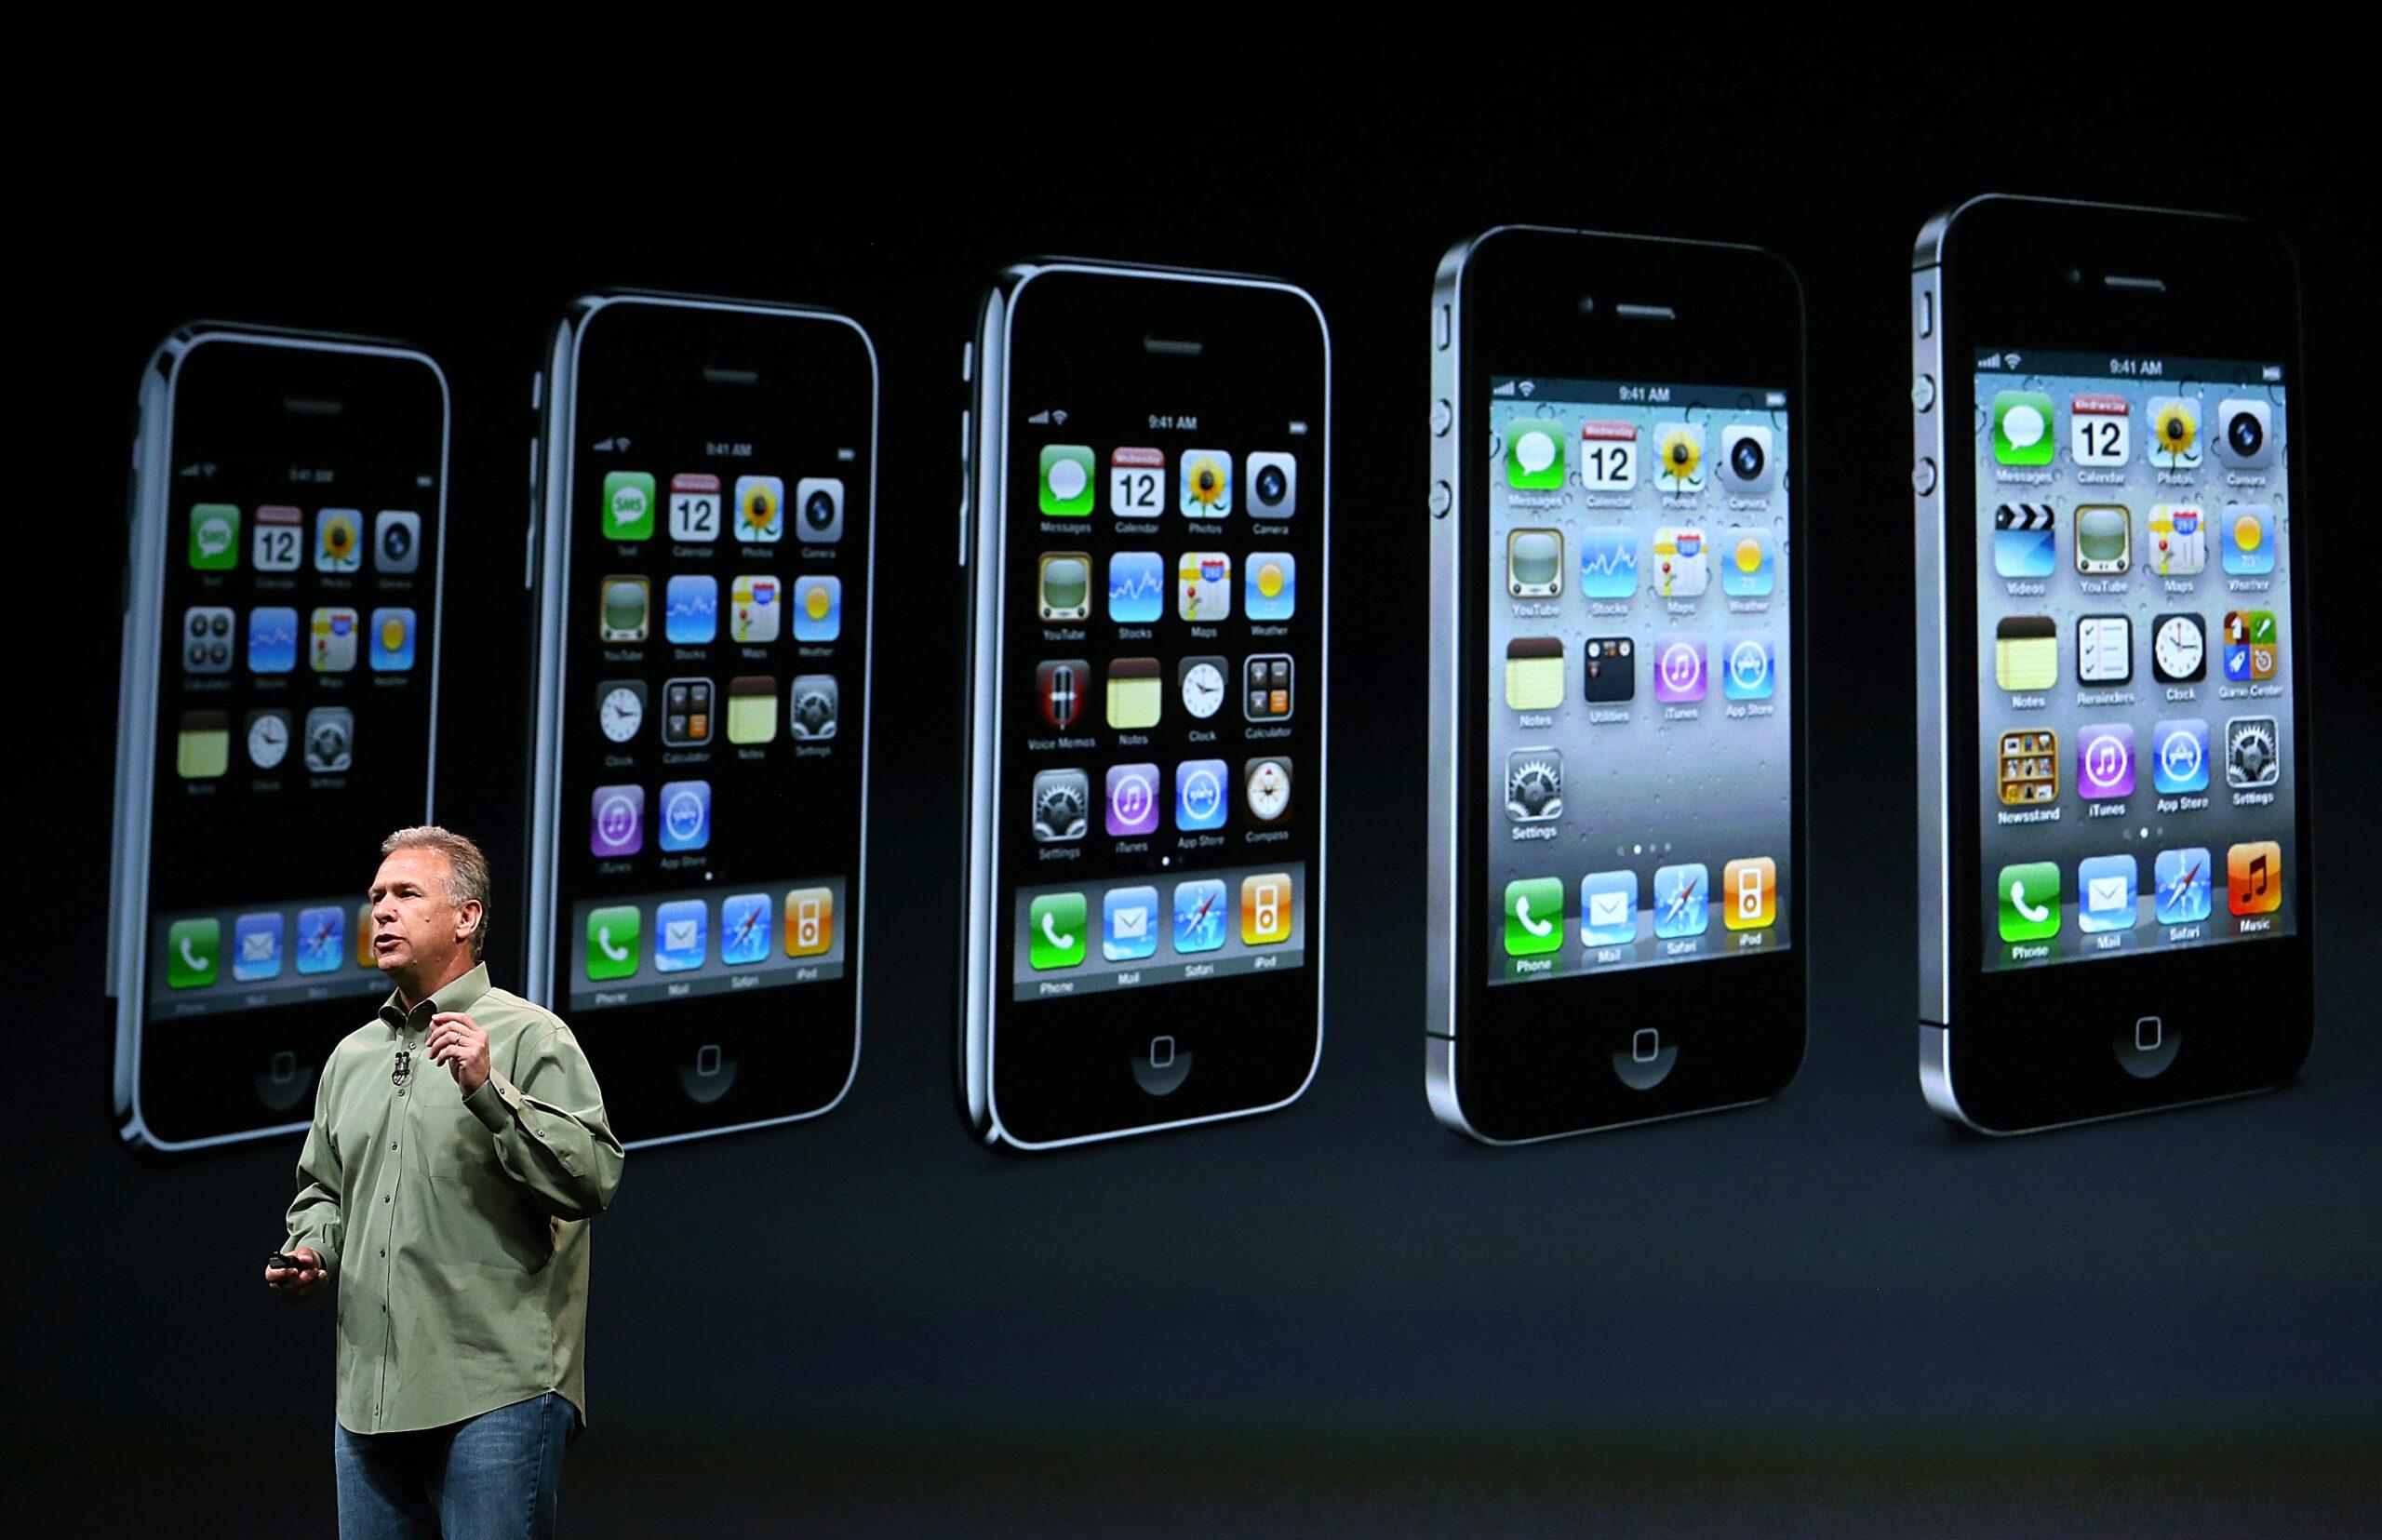 Towards a sleek overhaul of the iOS interface?